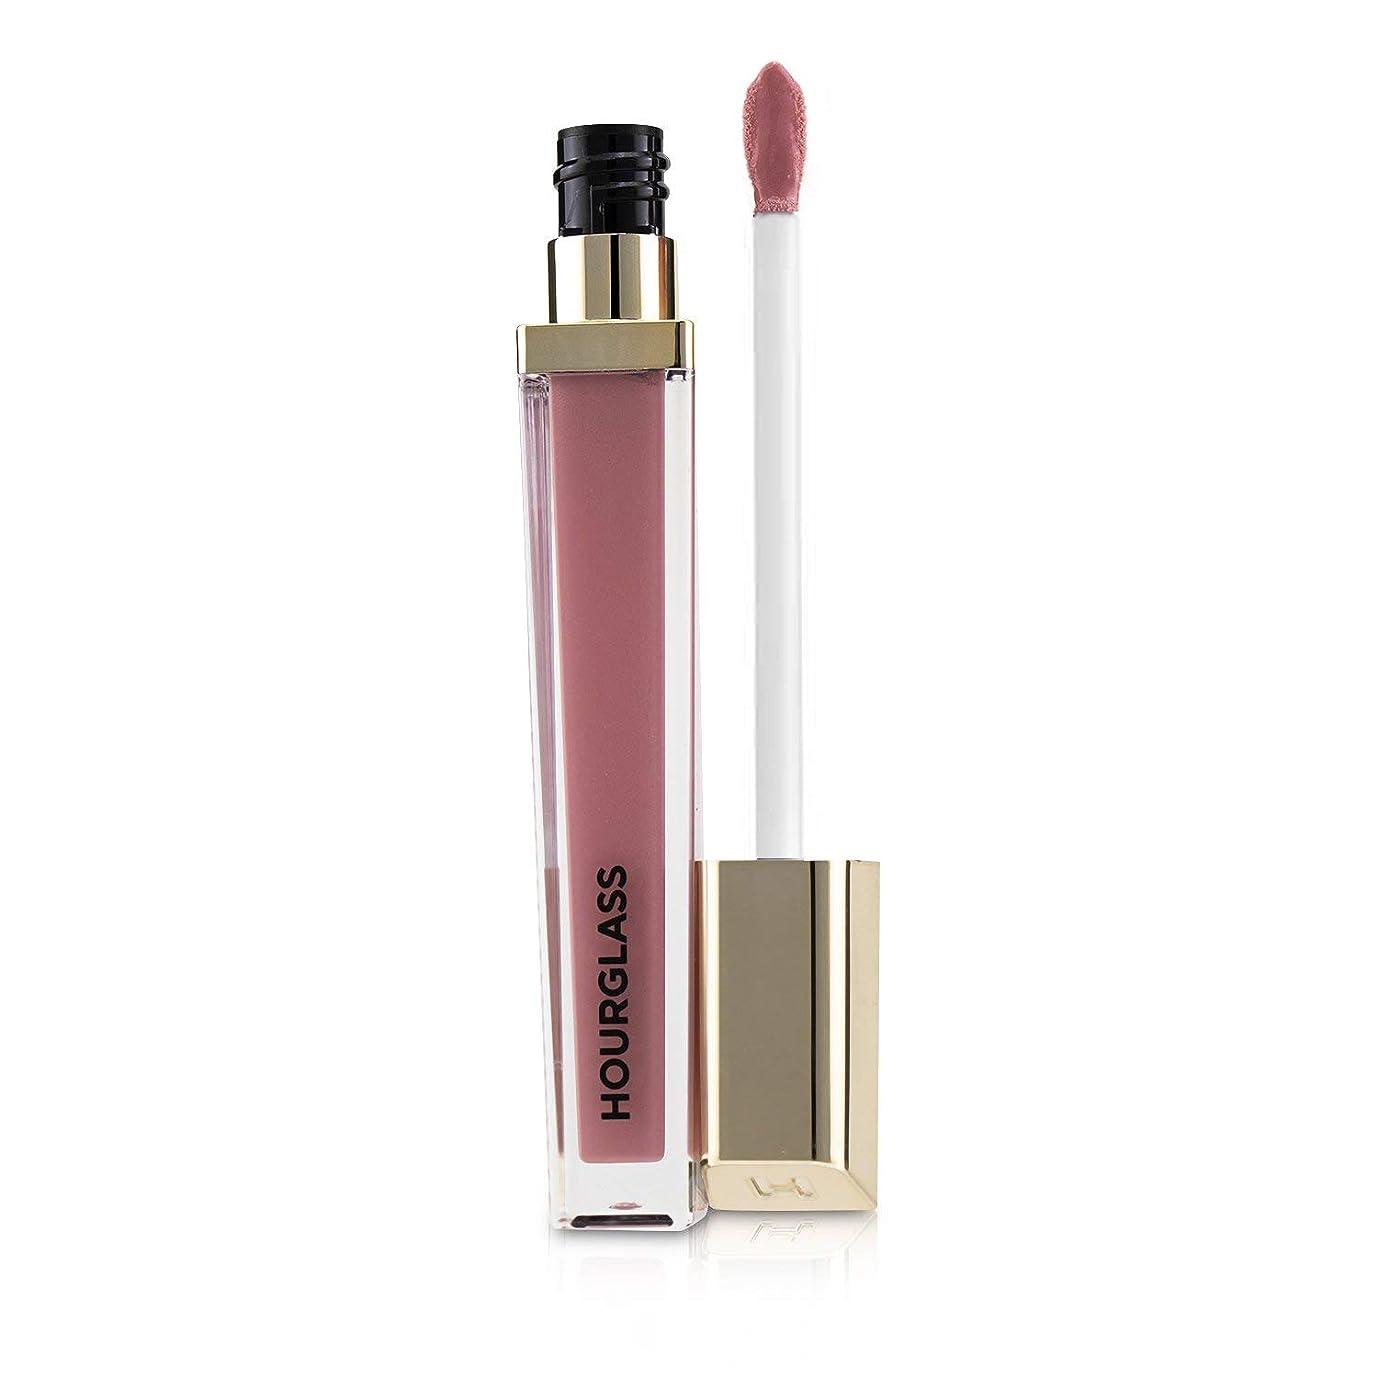 はちみつ手数料権限アワーグラス Unreal High Shine Volumizing Lip Gloss - # Enchant (Soft Pink) 5.6g/0.2oz並行輸入品